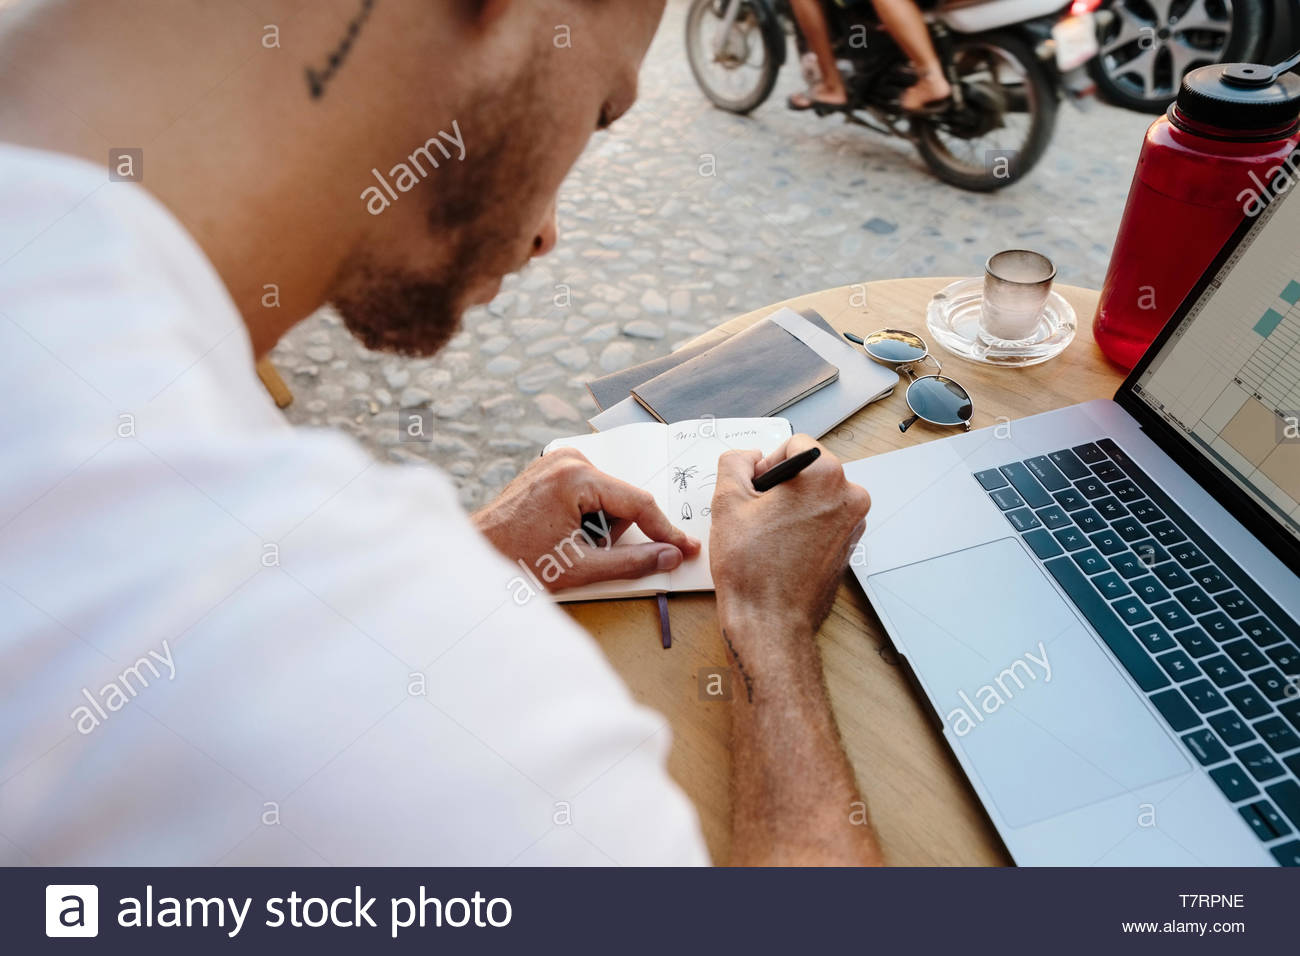 Junge männliche Touristen Sidewalk Cafe arbeiten, schreiben im Notebook Stockbild